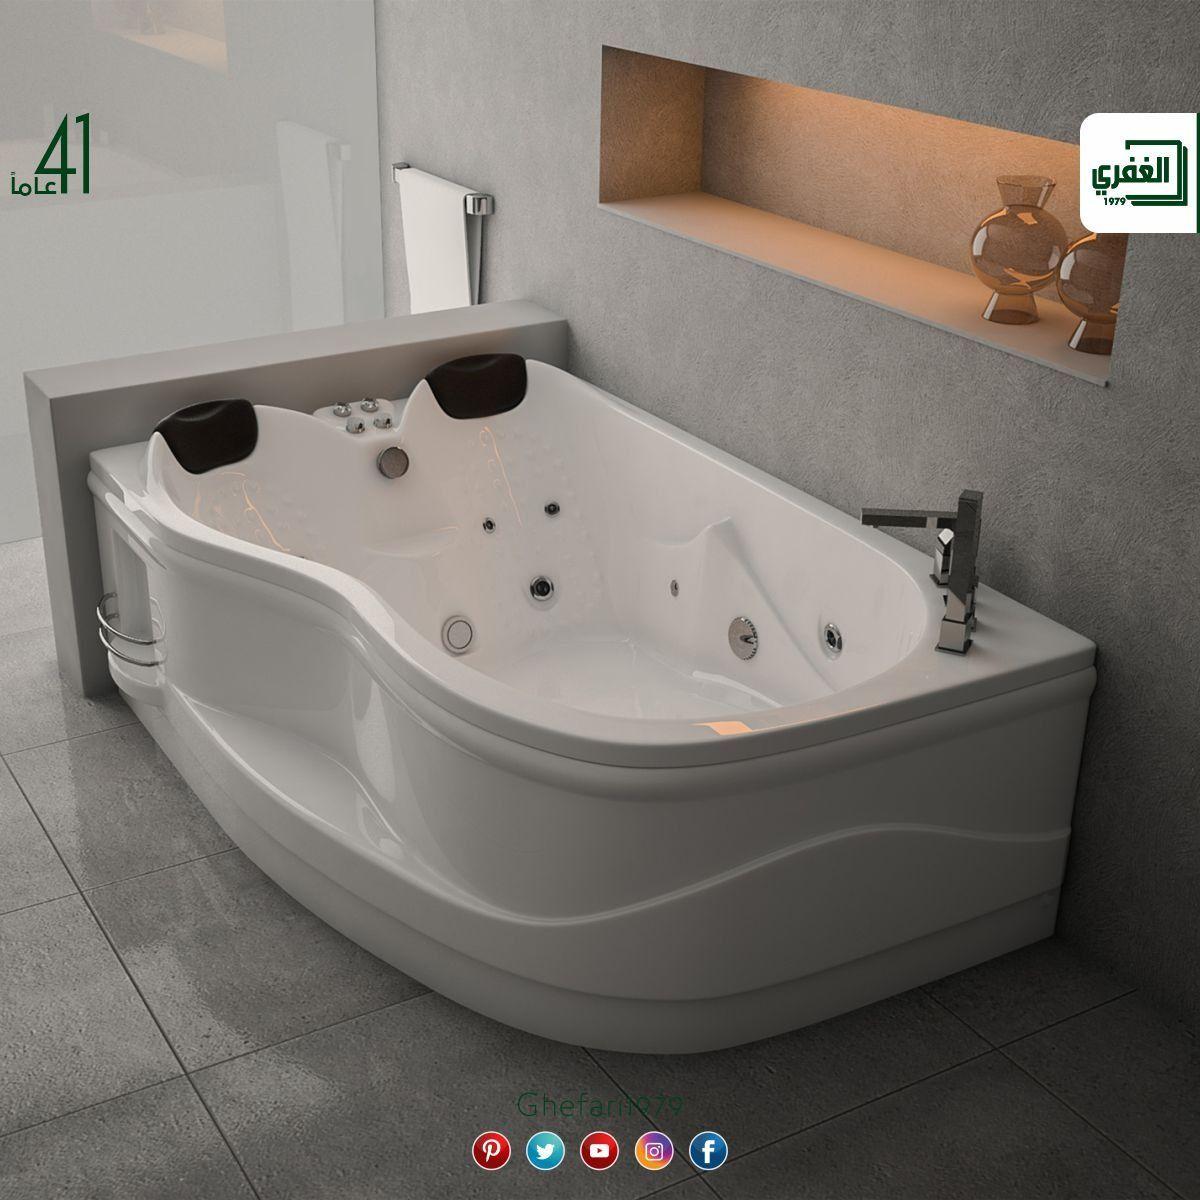 بانيو جاكوزي مجوز اكريلك Lgt صناعة تركية شركة الغفري الموصفات 12 عين ماتور 2 2 حصان انارة 2 مخدة سيفون Jacuzzi Bathroom Design Interior Deco